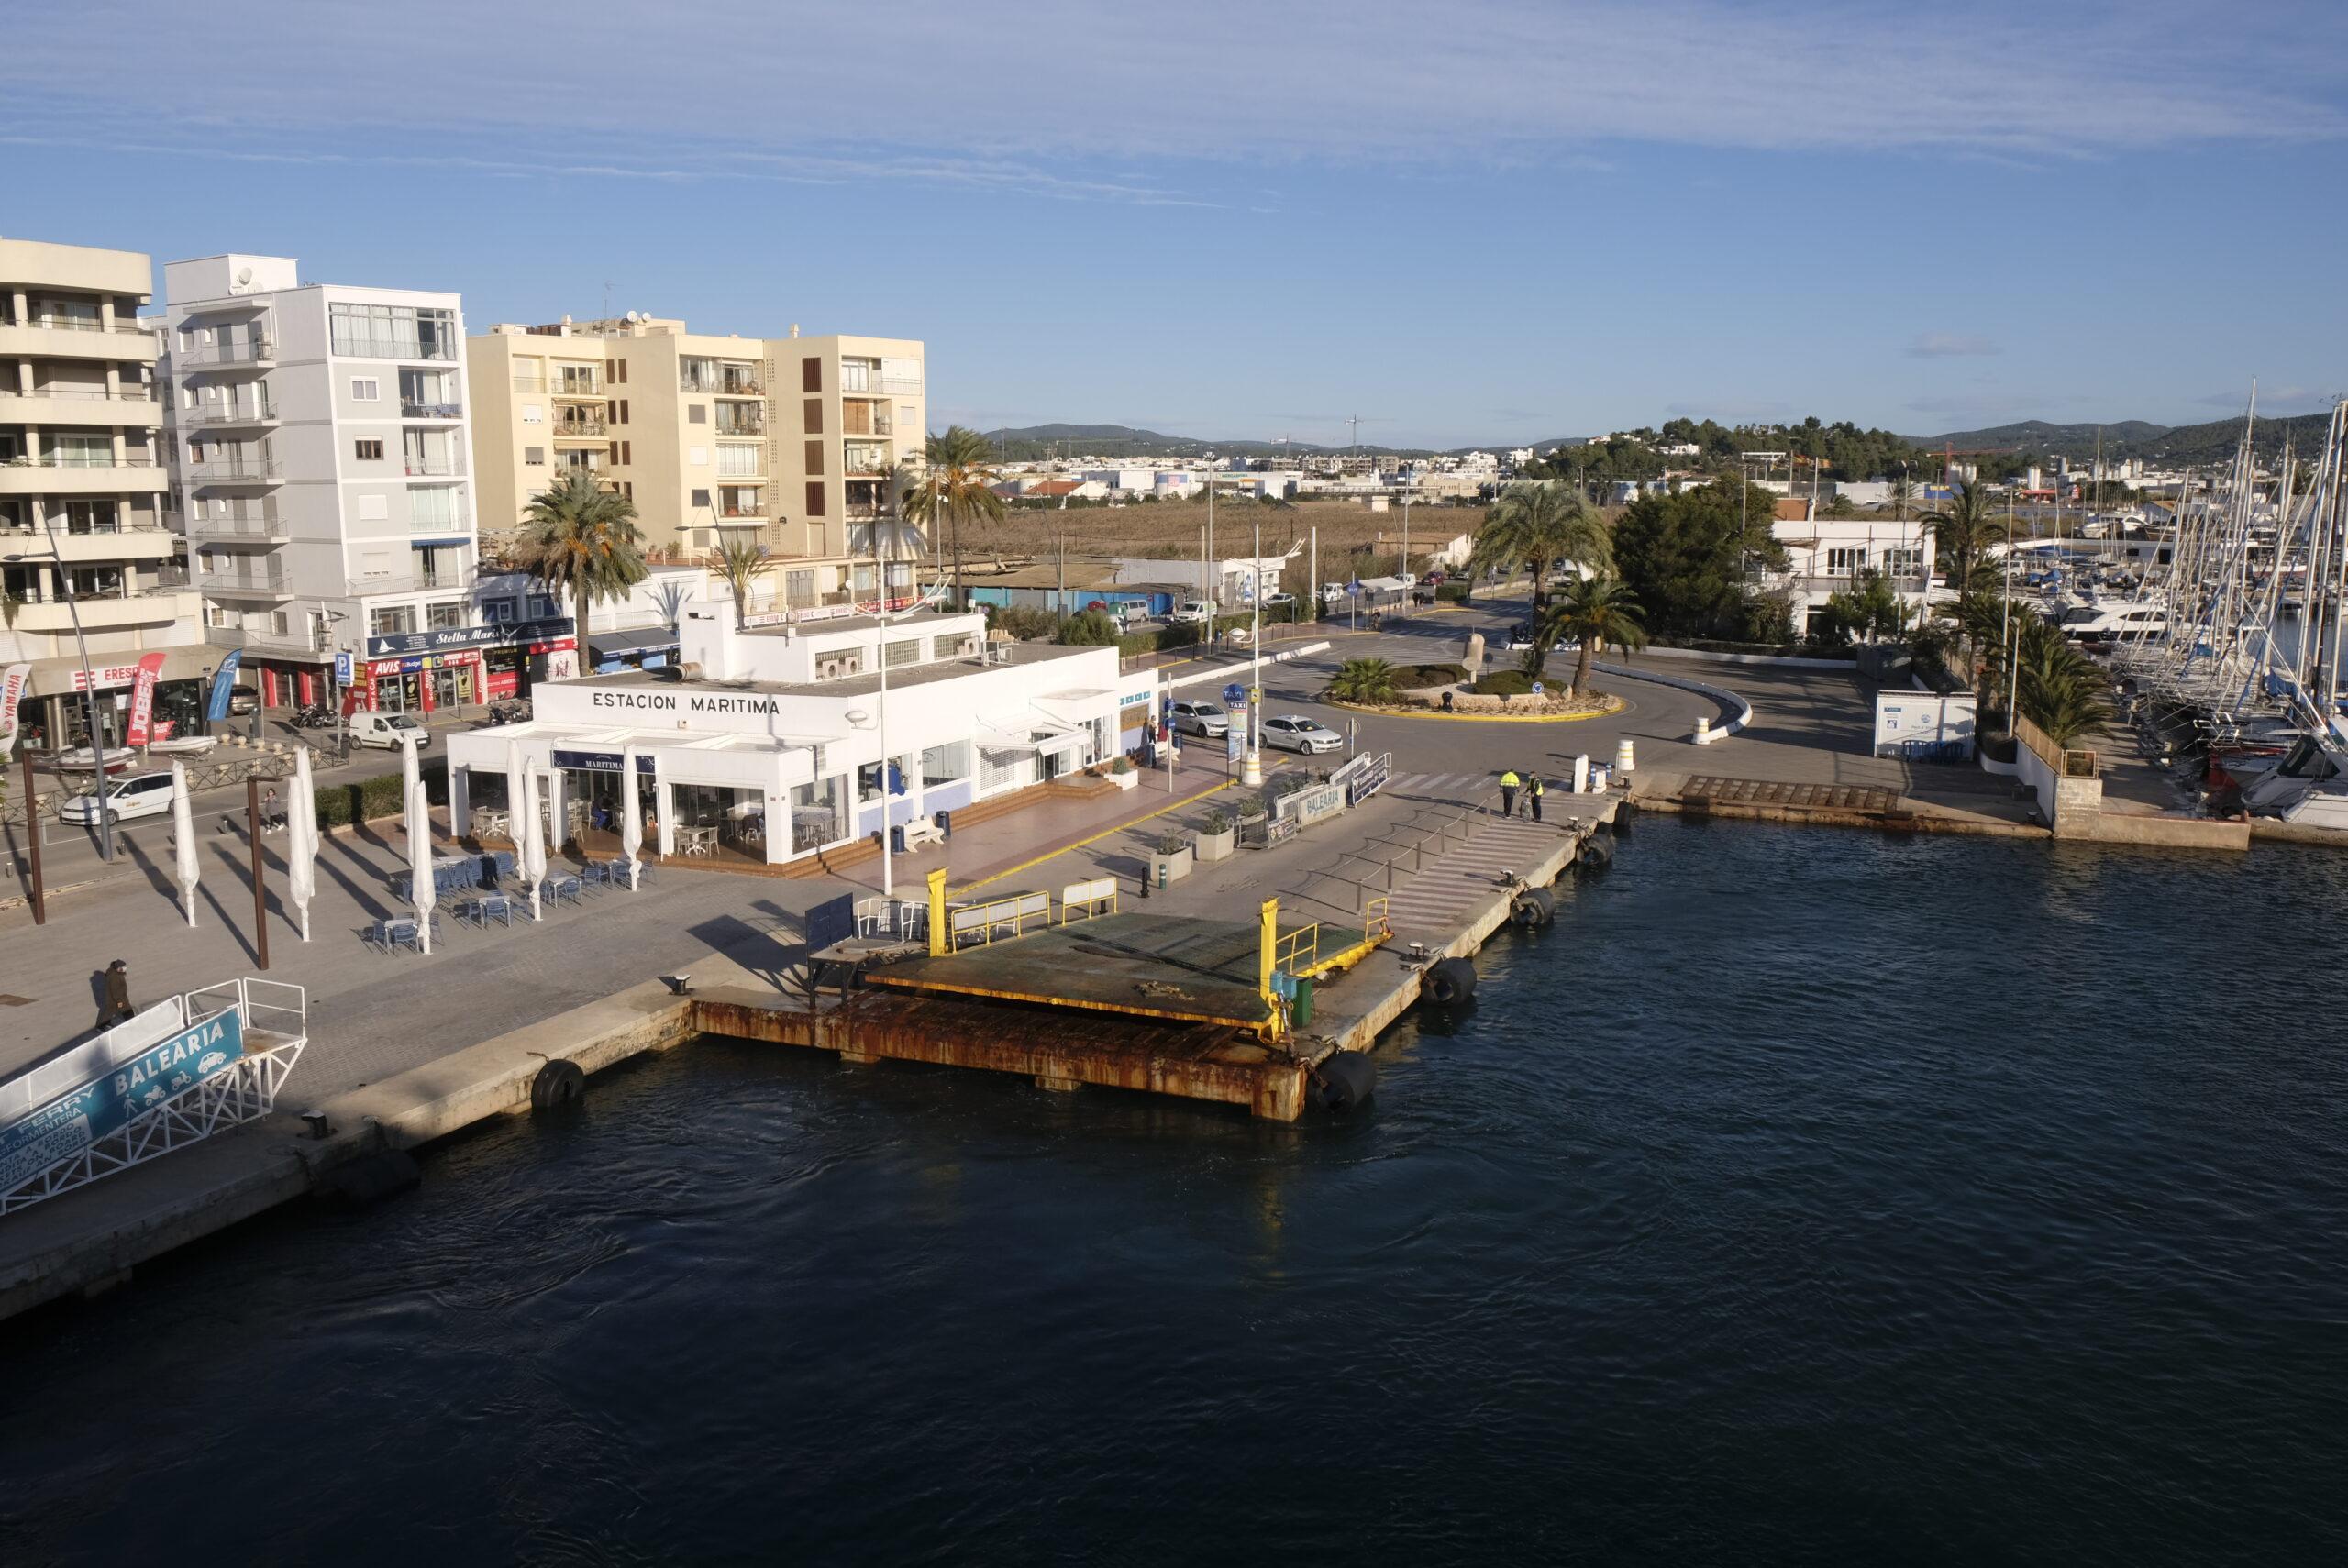 Nuevas medidas en las asignaciones de atraques en los puertos de la Savina y Eivissa